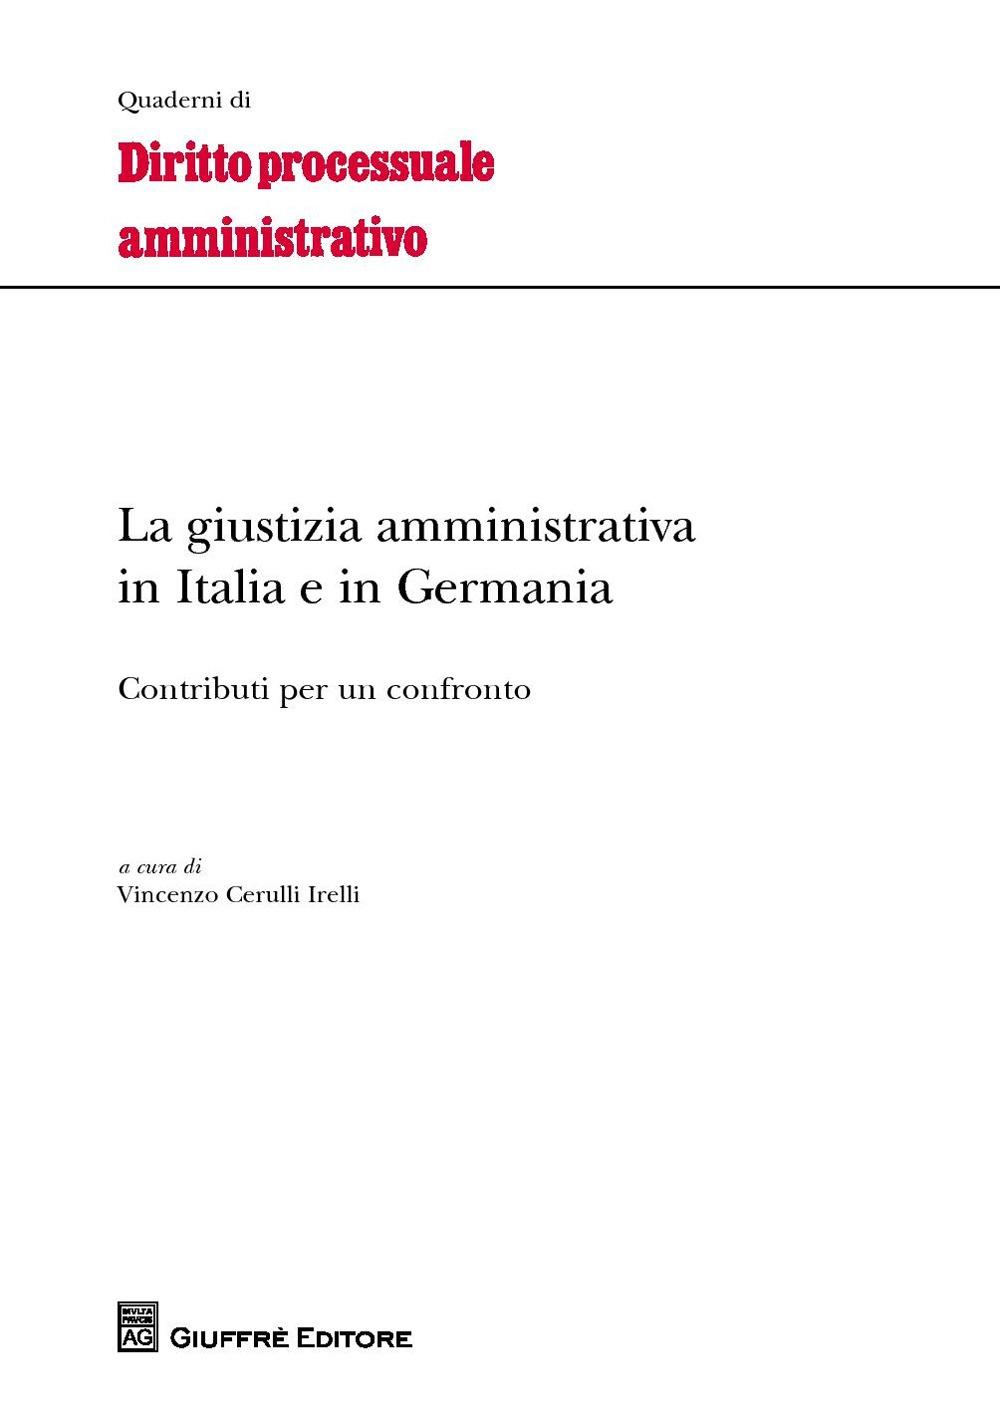 La giustizia amministrativa in Italia e in Germania. Contributi per un confronto